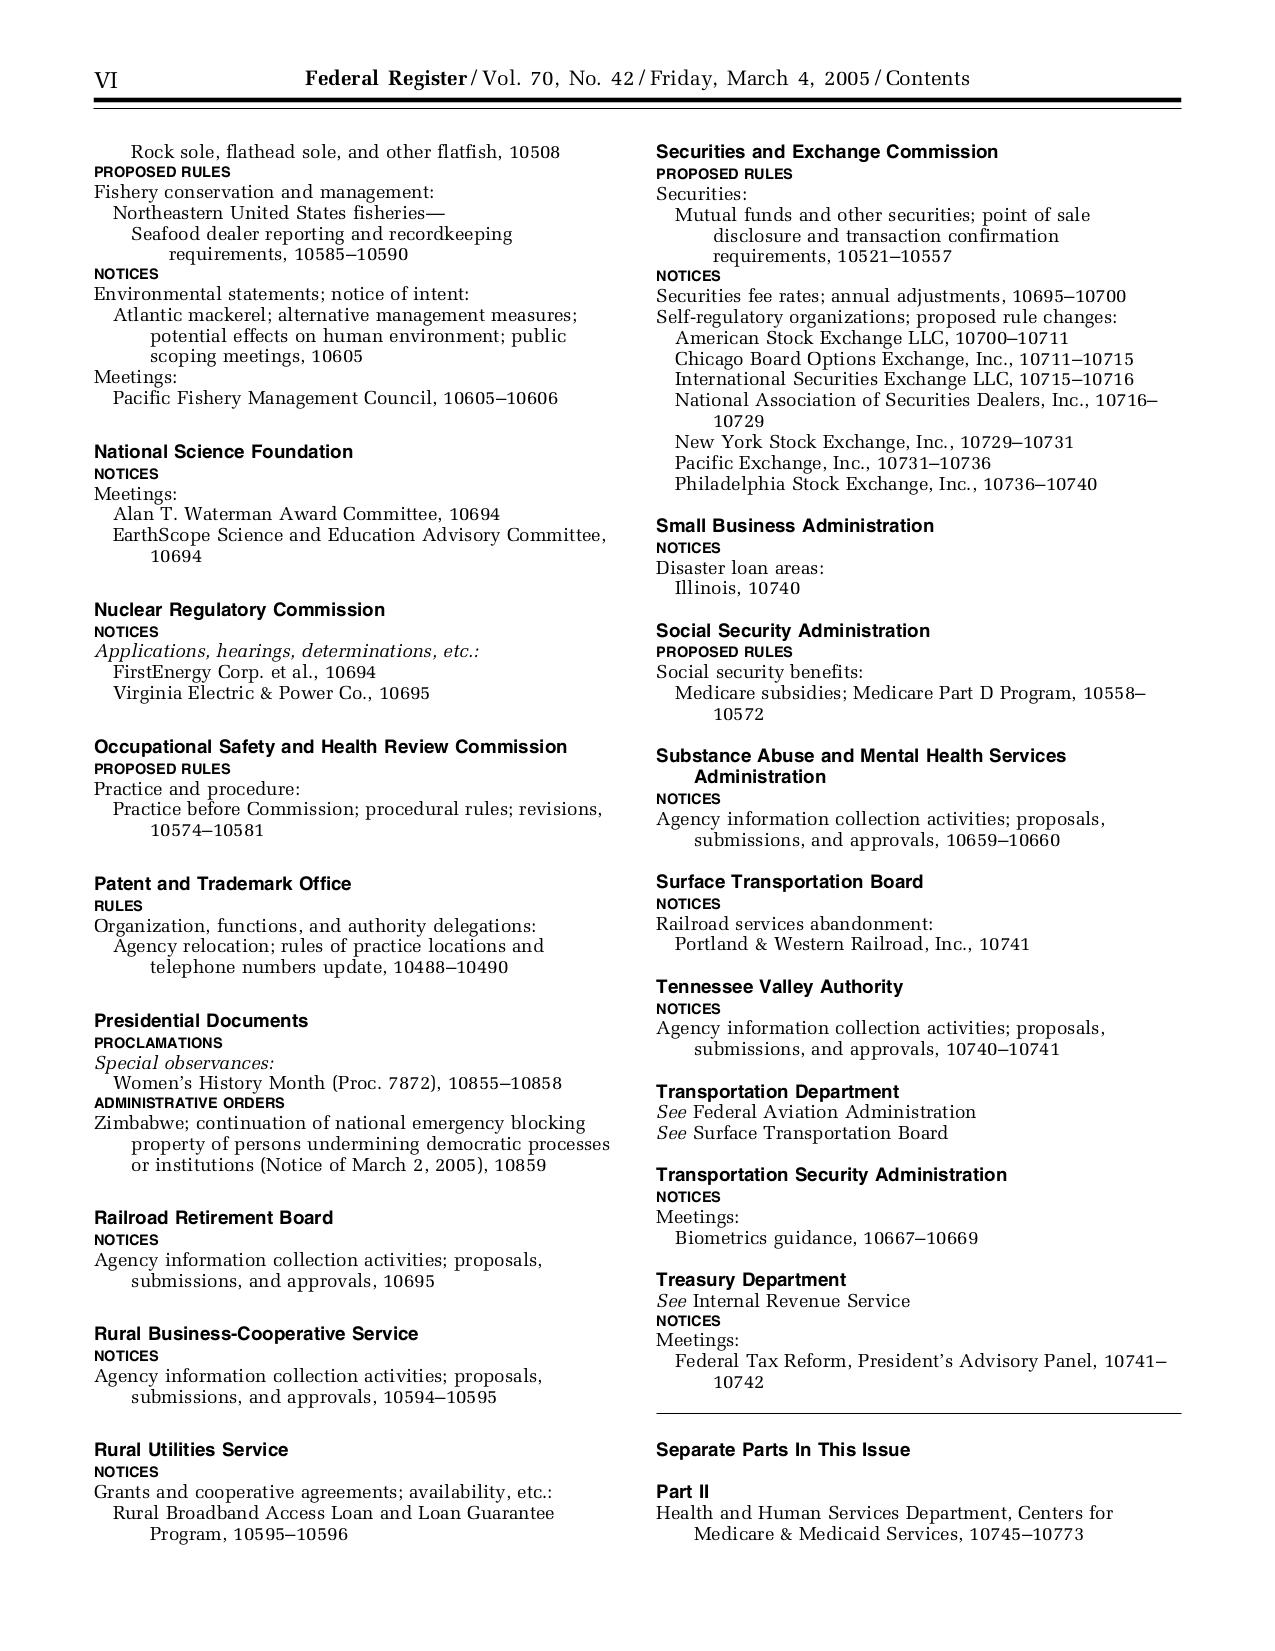 PDF manual for Viking Other BLK-3-EWP Light Indicators